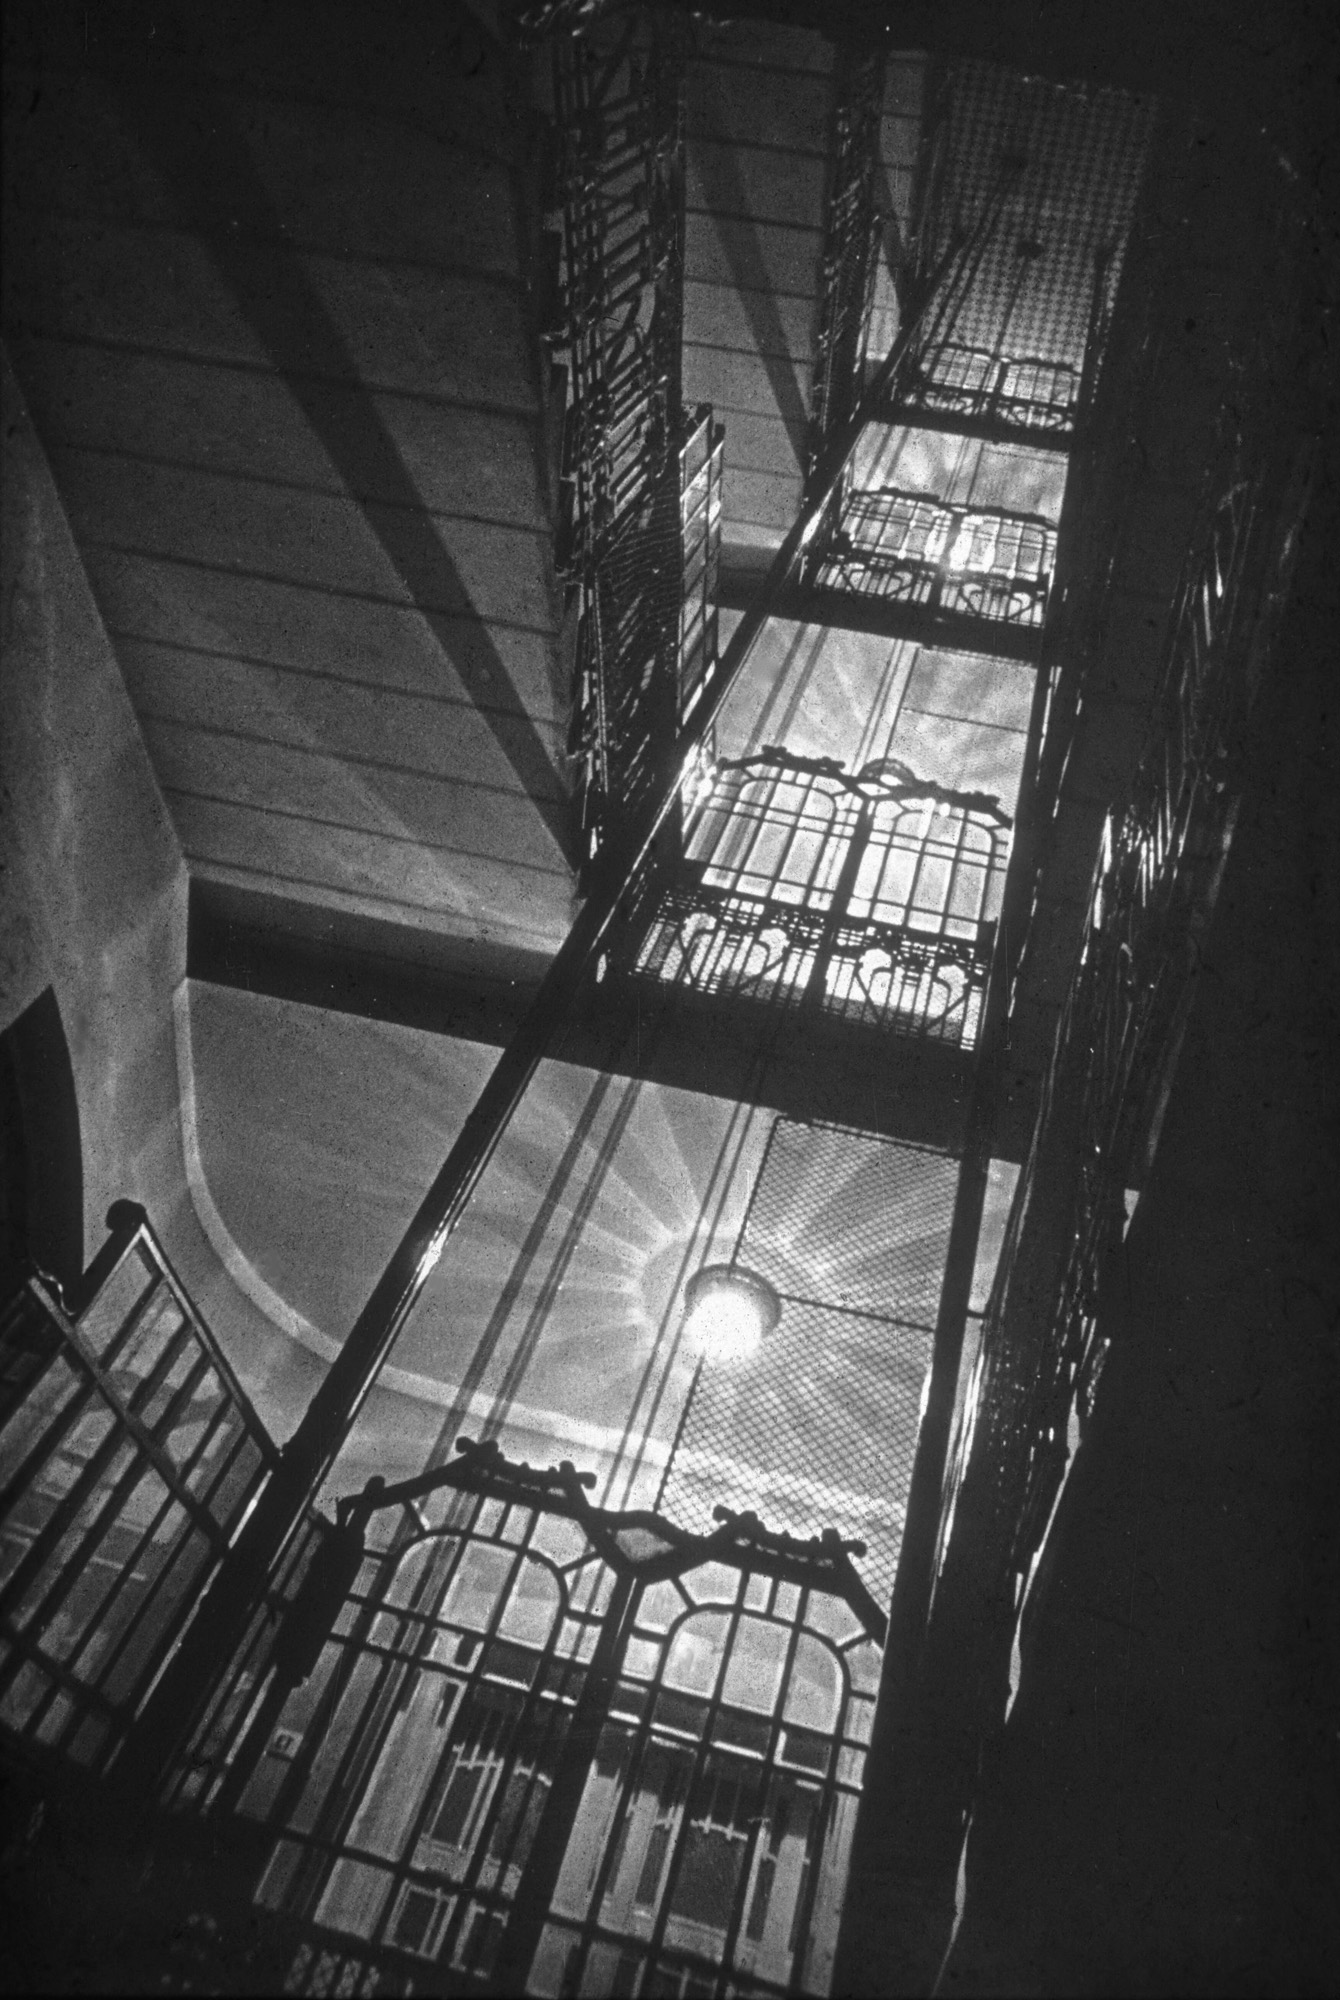 Fotó: Dulovits Jenő: Lépcsőház, Budapesti Fotóklub, Belgrád rkp. 17. © Magyar Fotográfiai Múzeum